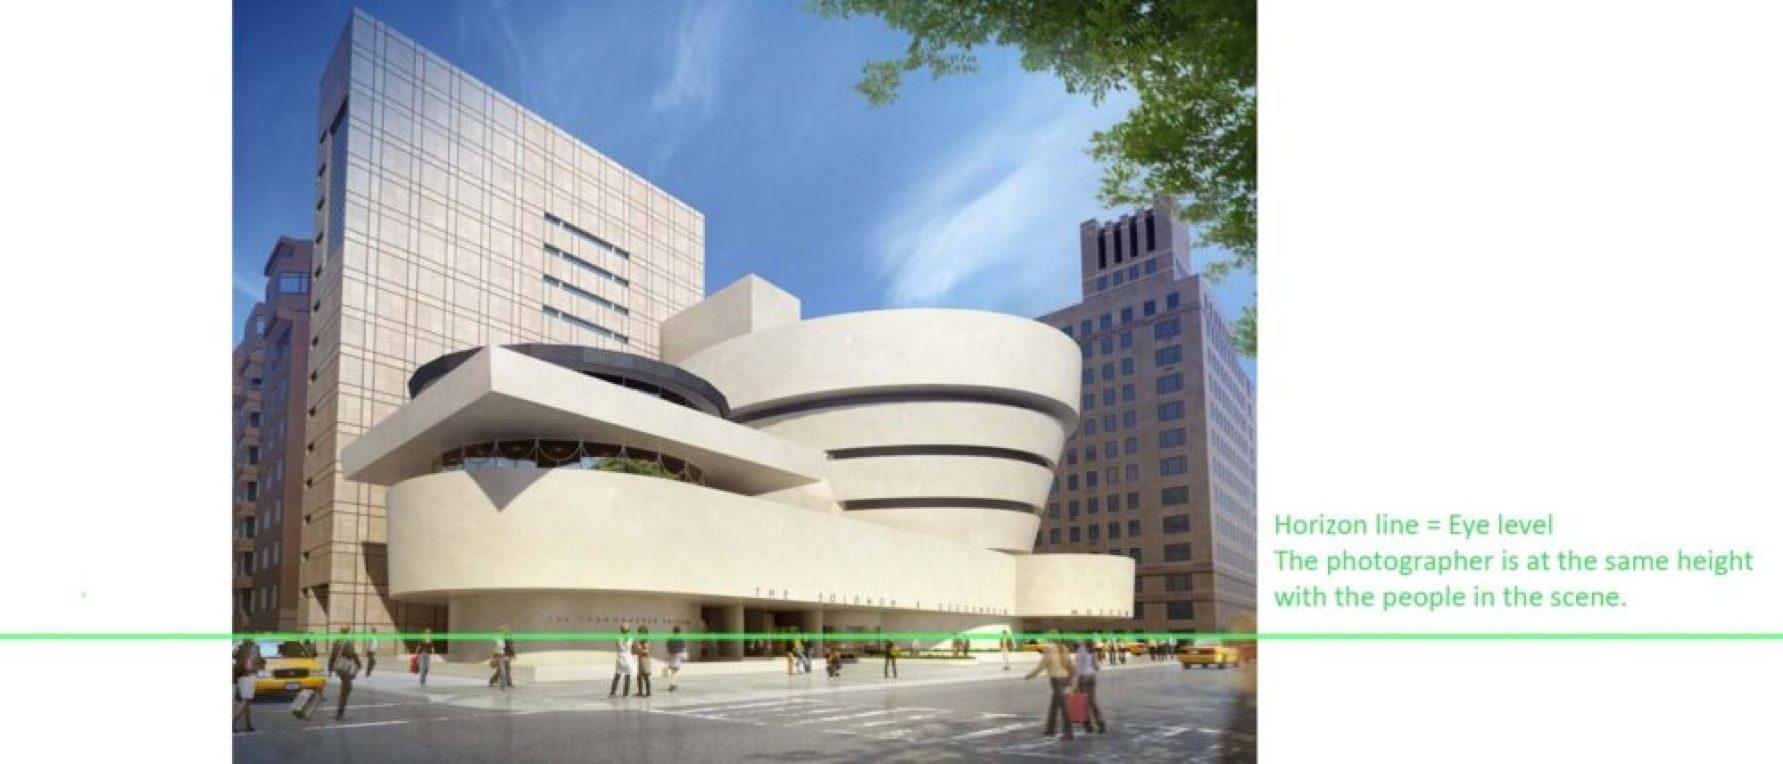 Guggenheim museum New York City 2 Horizon line